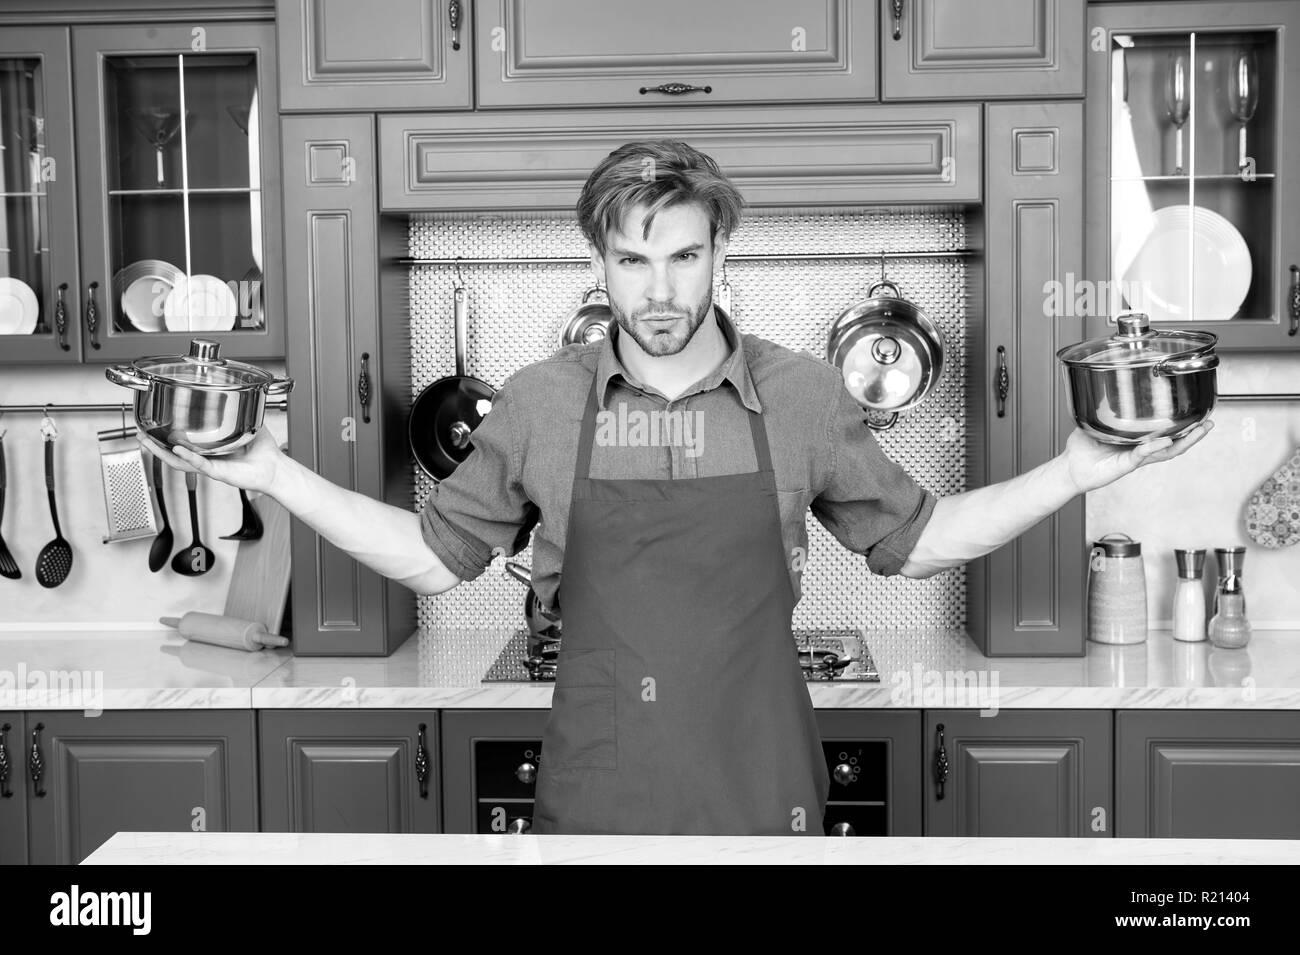 Chef. le temps de cuisson. Outils de cuisine, ustensiles de cuisine. Ensemble de Cuisine Casseroles Casseroles Photo Stock